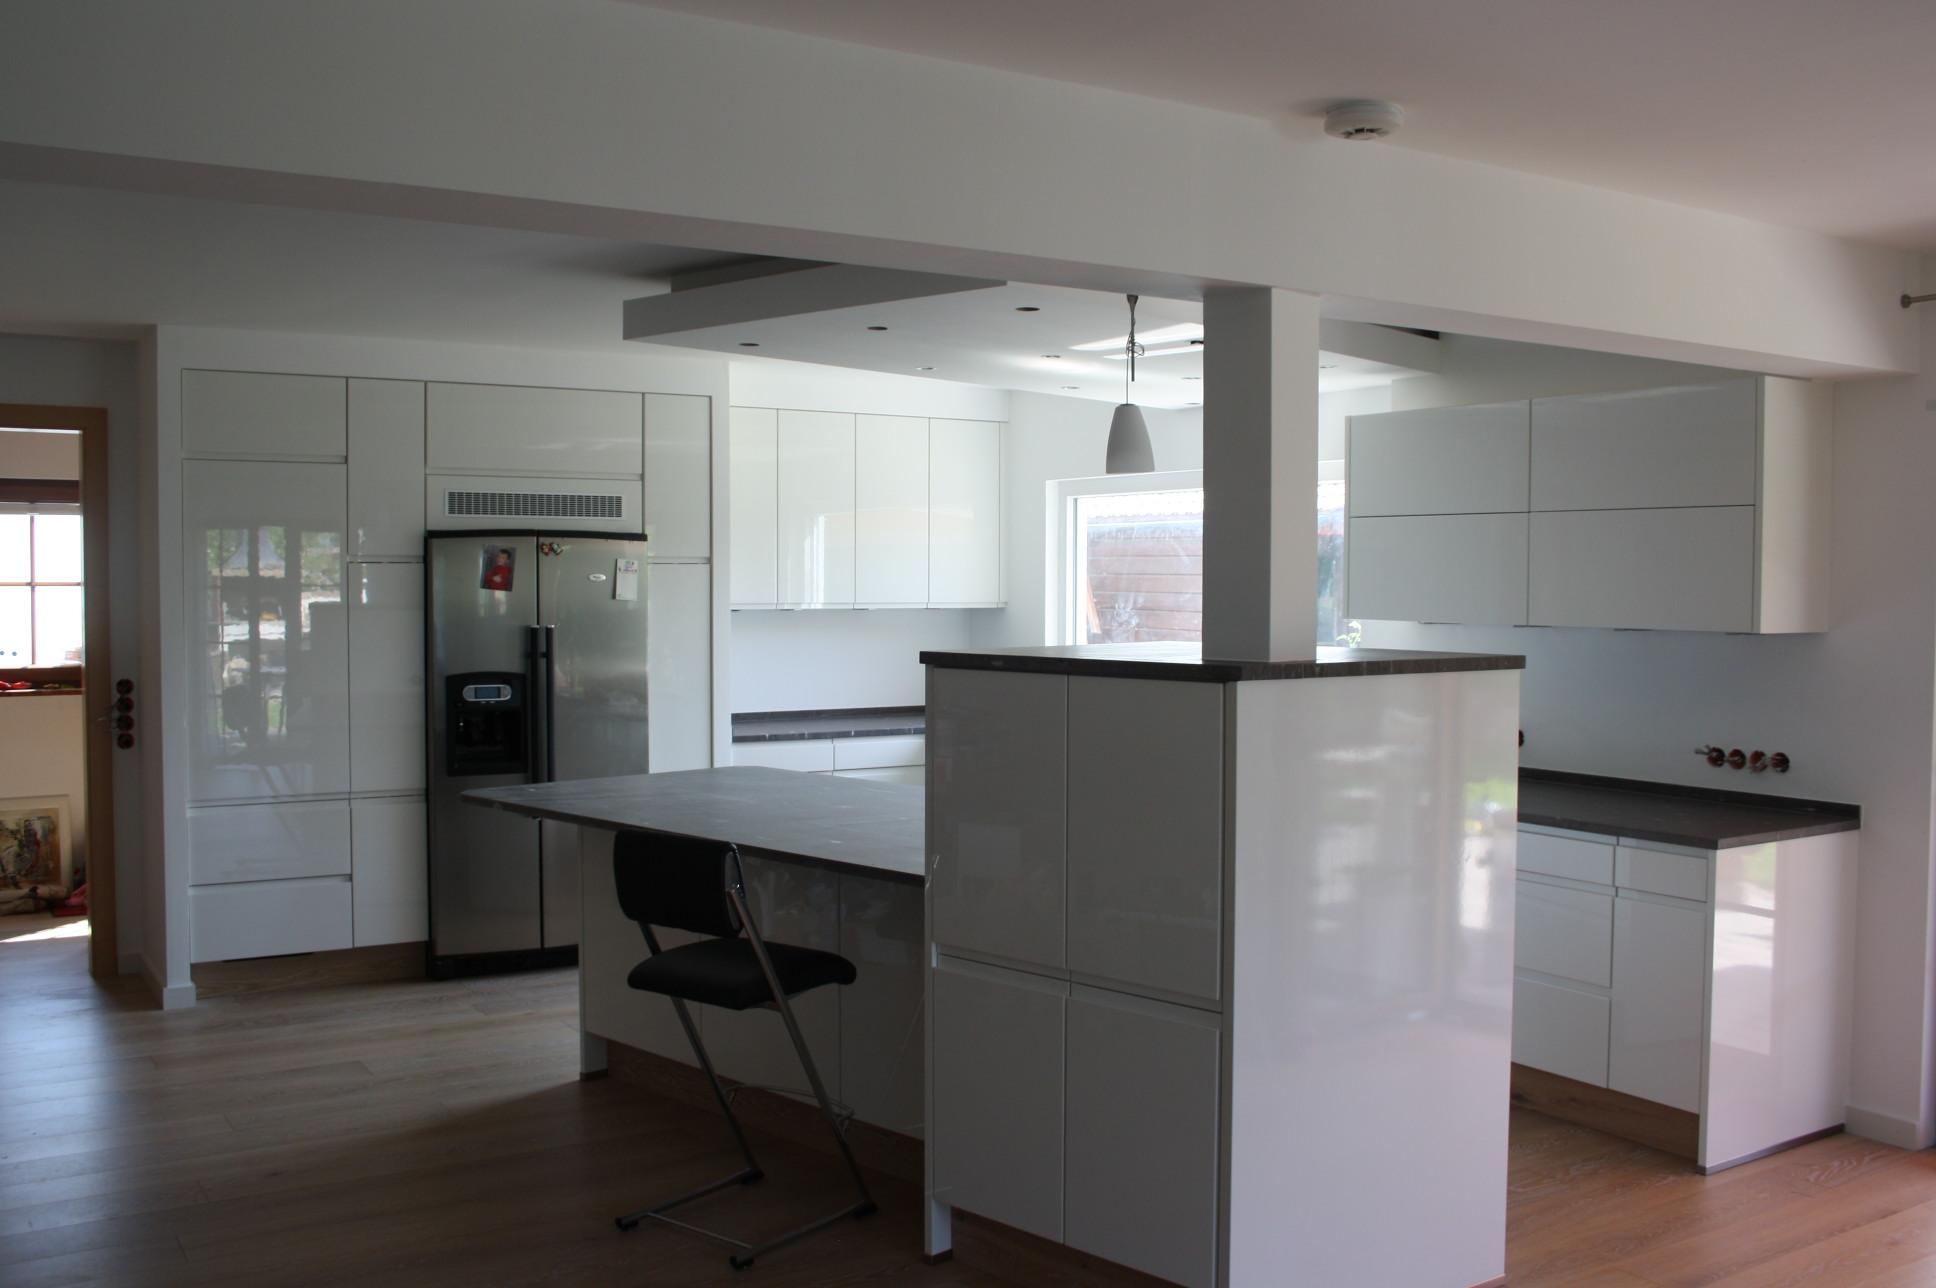 kche kaufen mnchen kche landhaus with kche kaufen mnchen latest ebay dsseldorf kche luxus kche. Black Bedroom Furniture Sets. Home Design Ideas